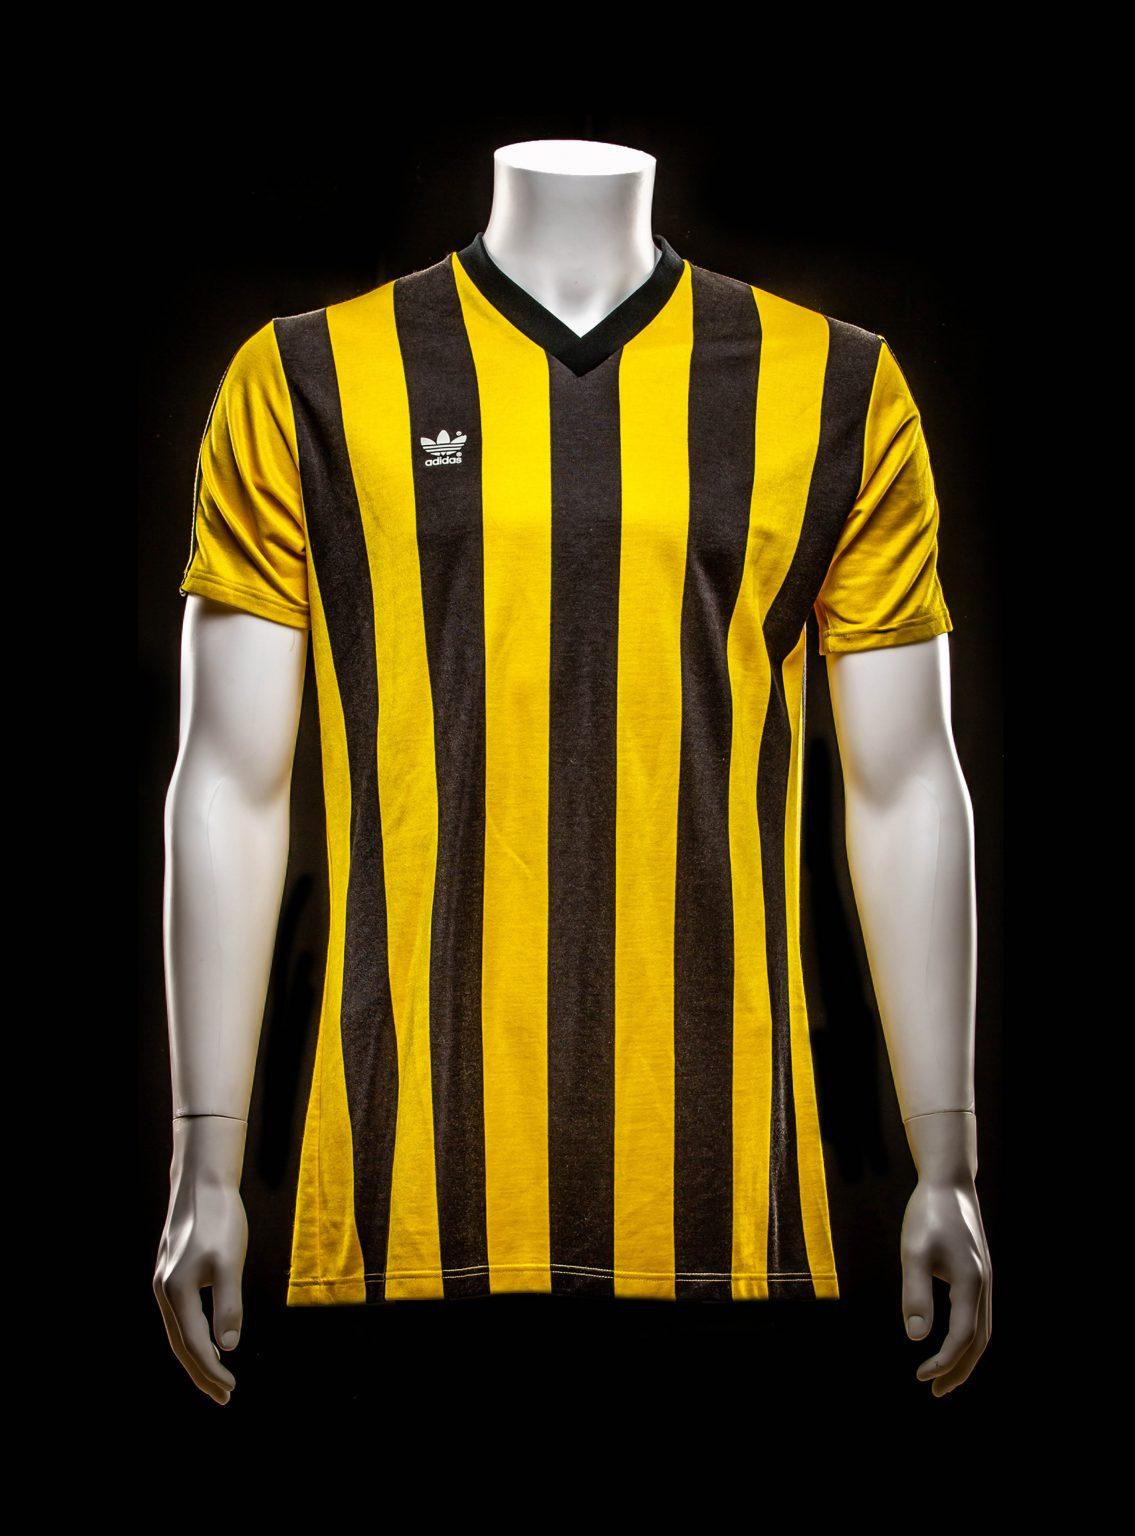 #2 Edward Sturing Vitesse 1987-1989